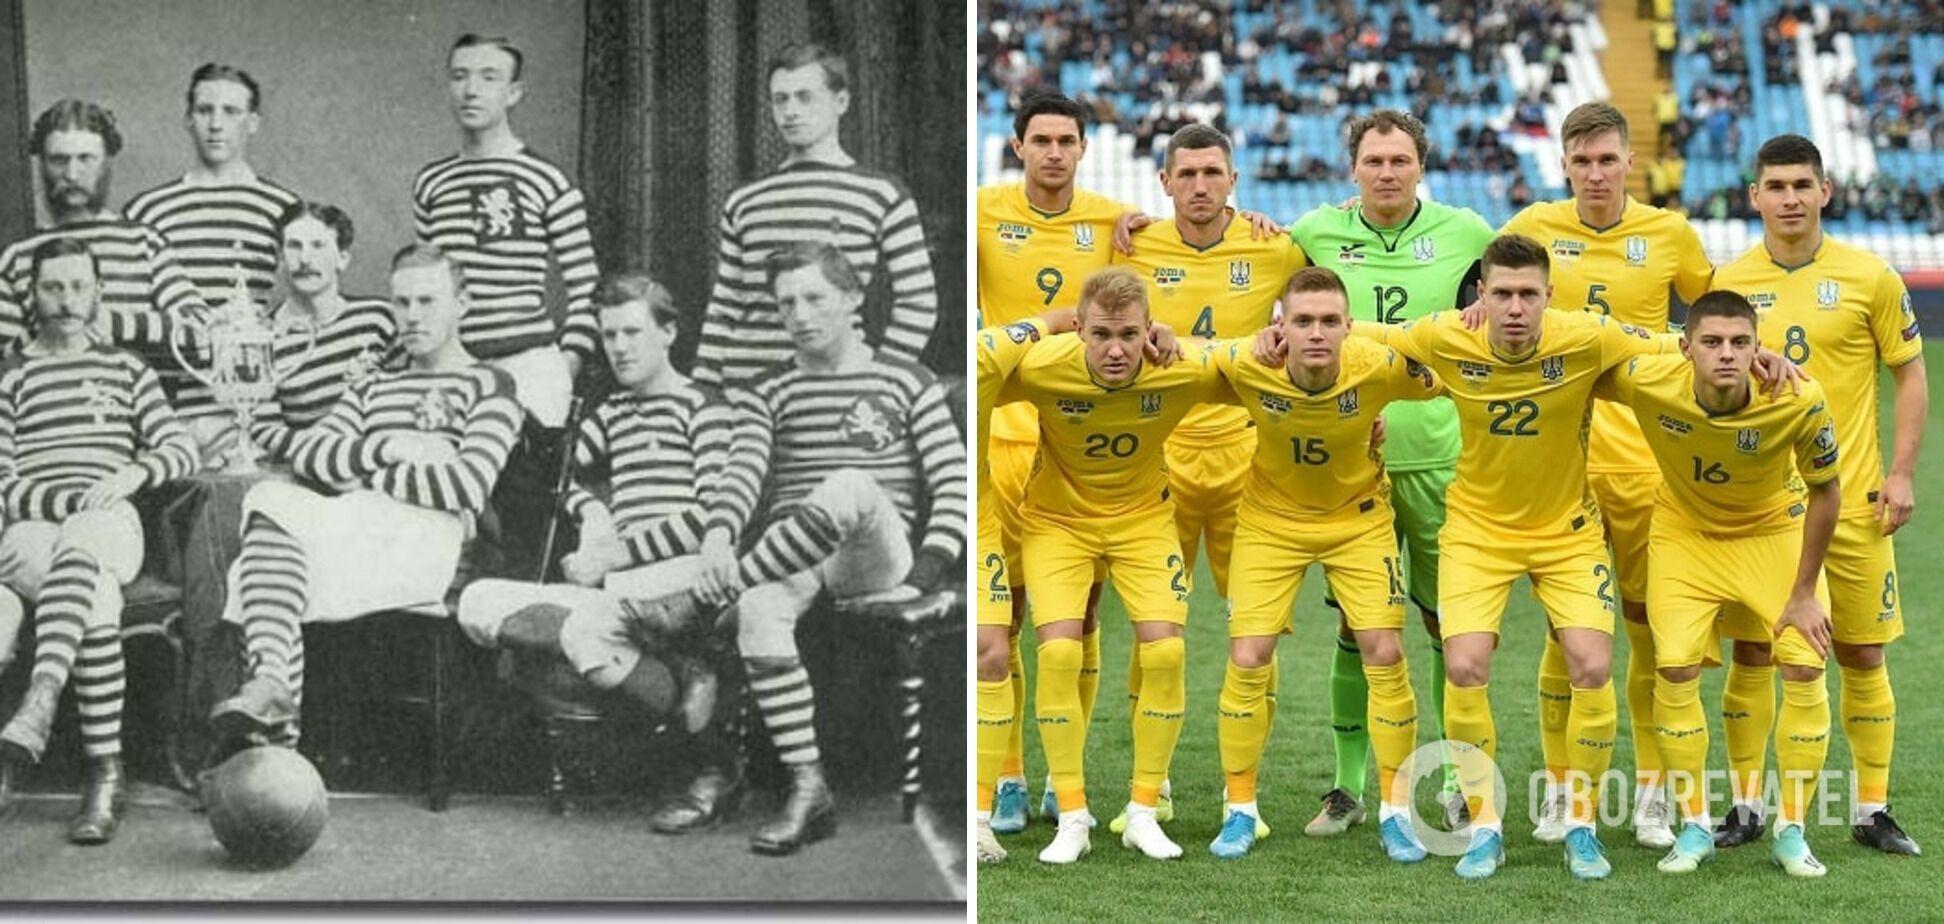 Шотландская команда в 1873 году и современные футболисты